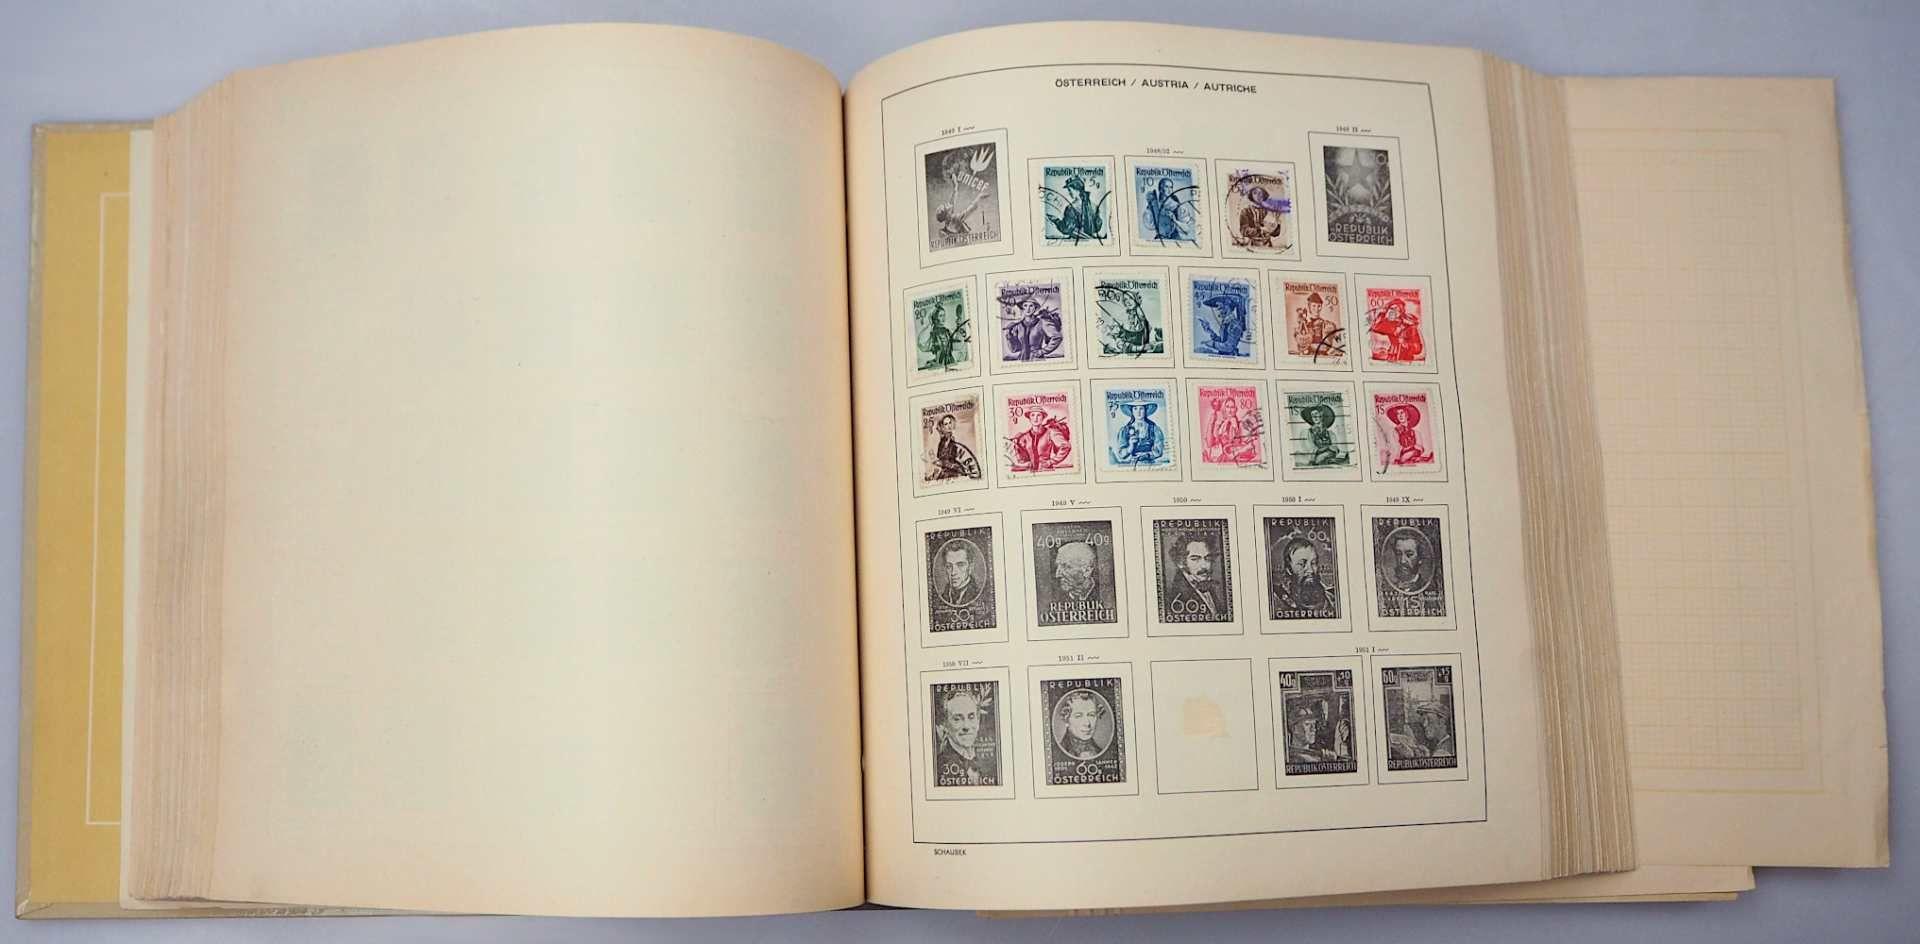 4 Briefmarkenalben z.T. SCHAUBEK, 20. Jh.: Berlin, BRD mit Posthornsatz gestempelt und - Bild 2 aus 3